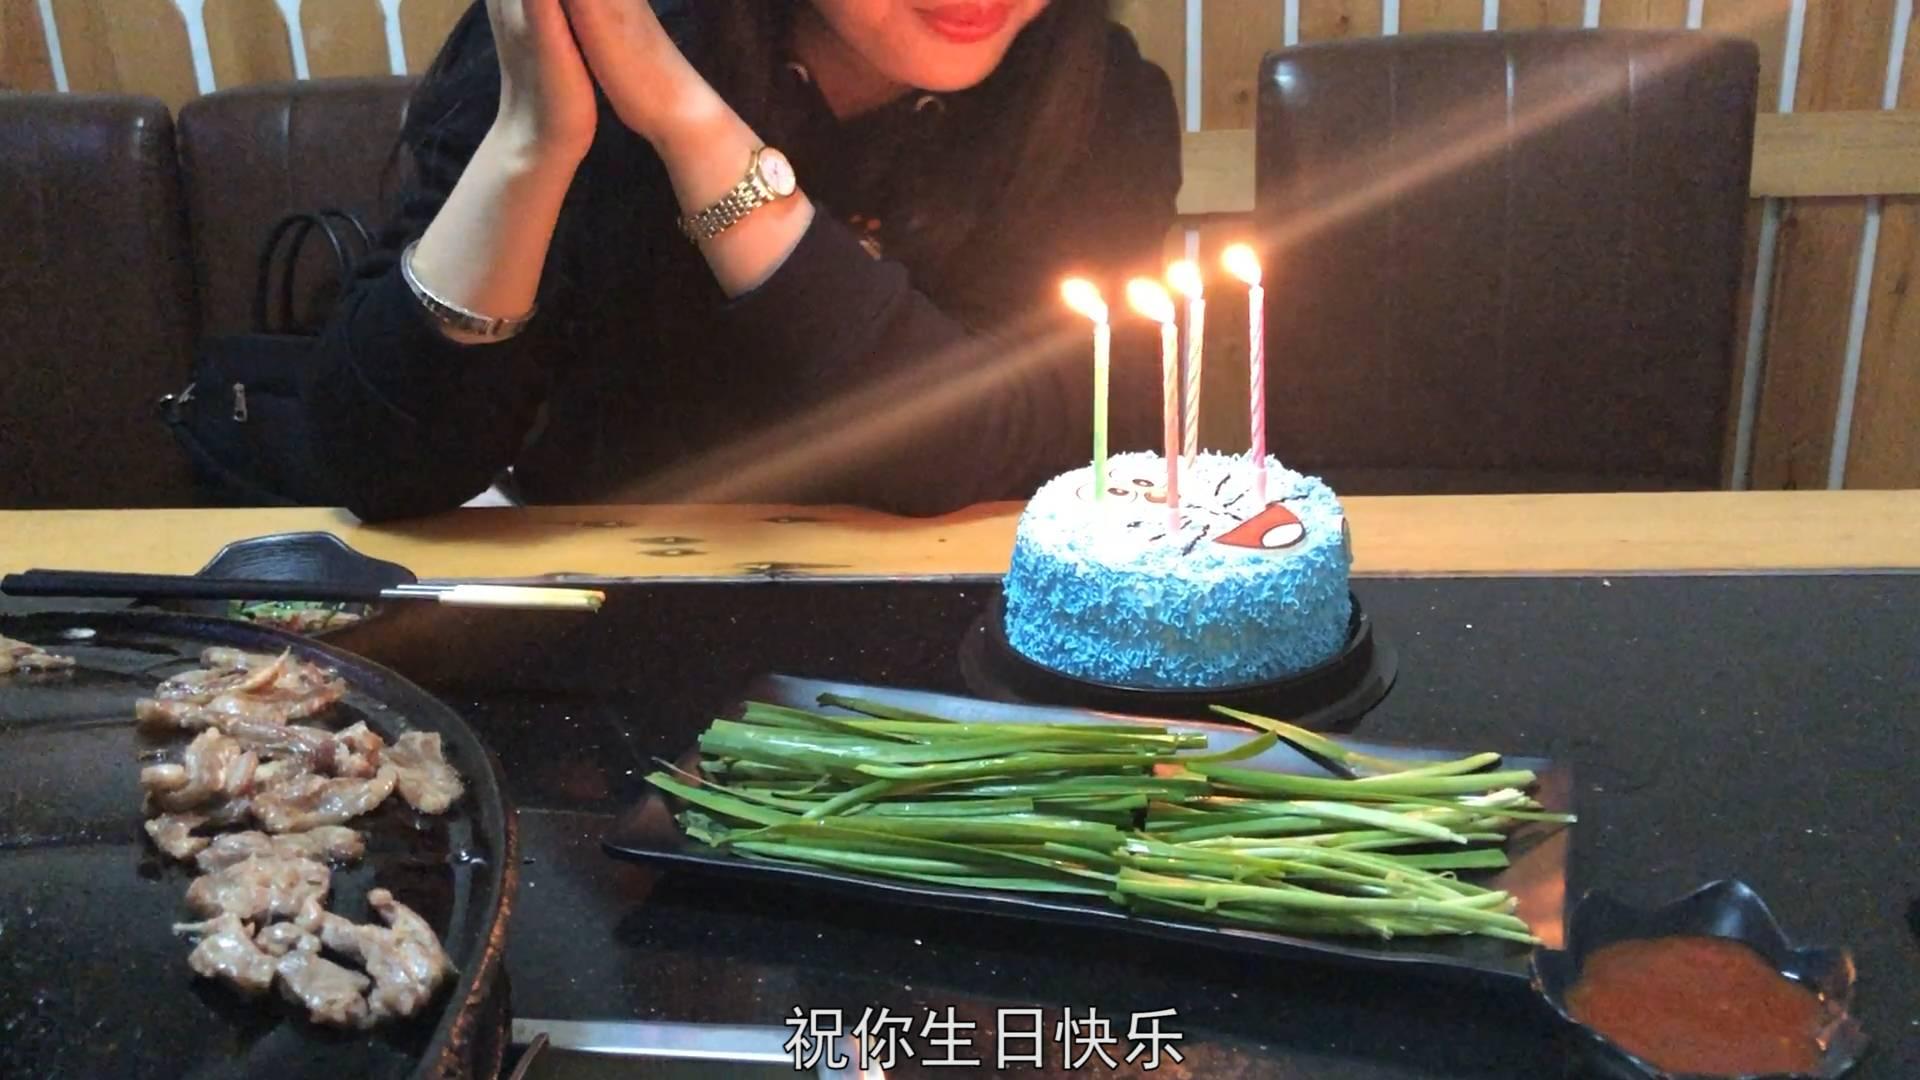 第一次陪护士小姐姐过生日,为她精心准备了礼物和蛋糕,她很感动